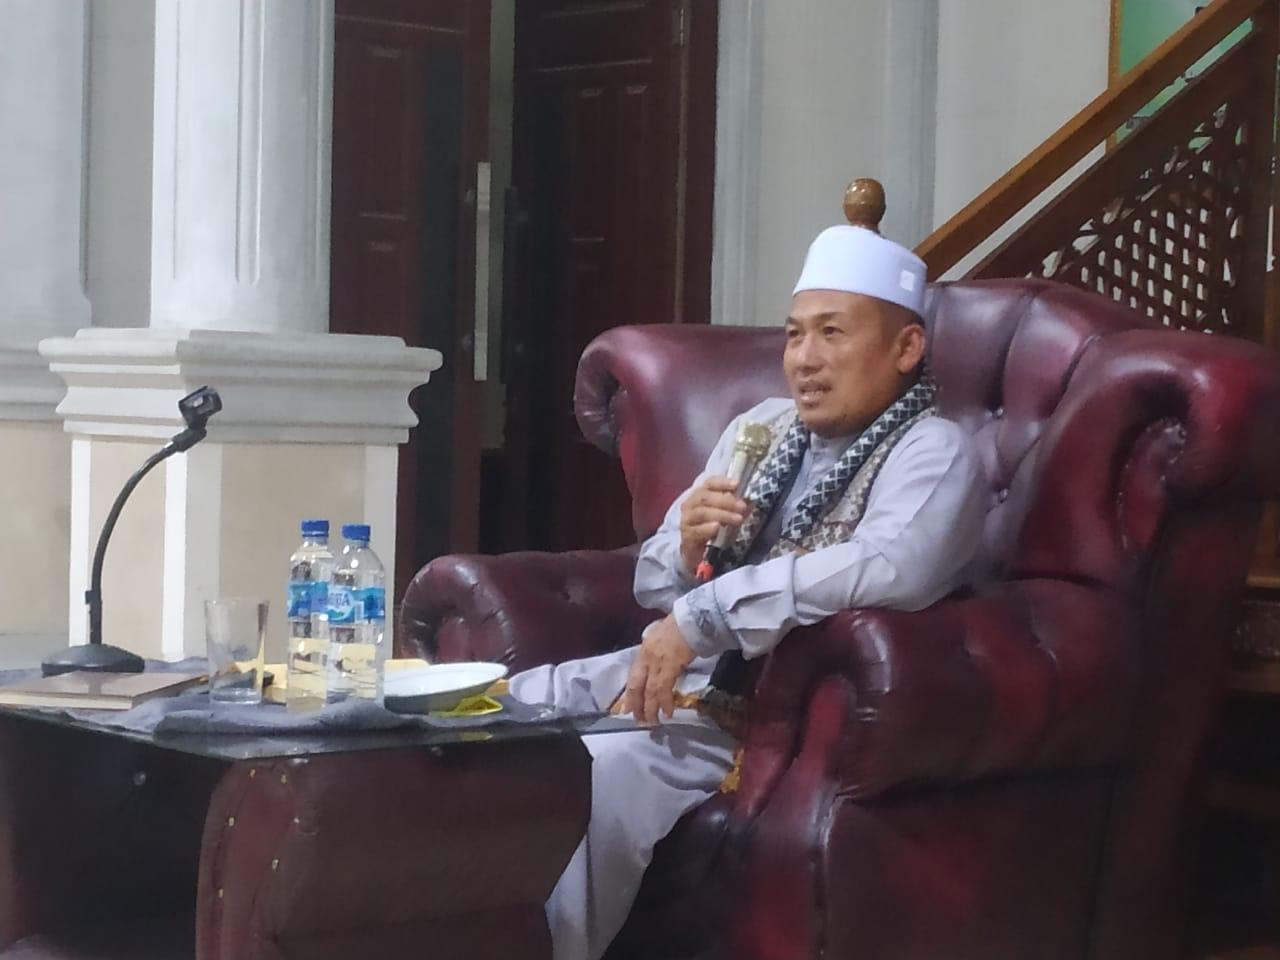 Pengajian Umum TasTaFi (Tasauh Tauhid Fiqih) Oleh Abati di Masjid Raudatul Jannah.